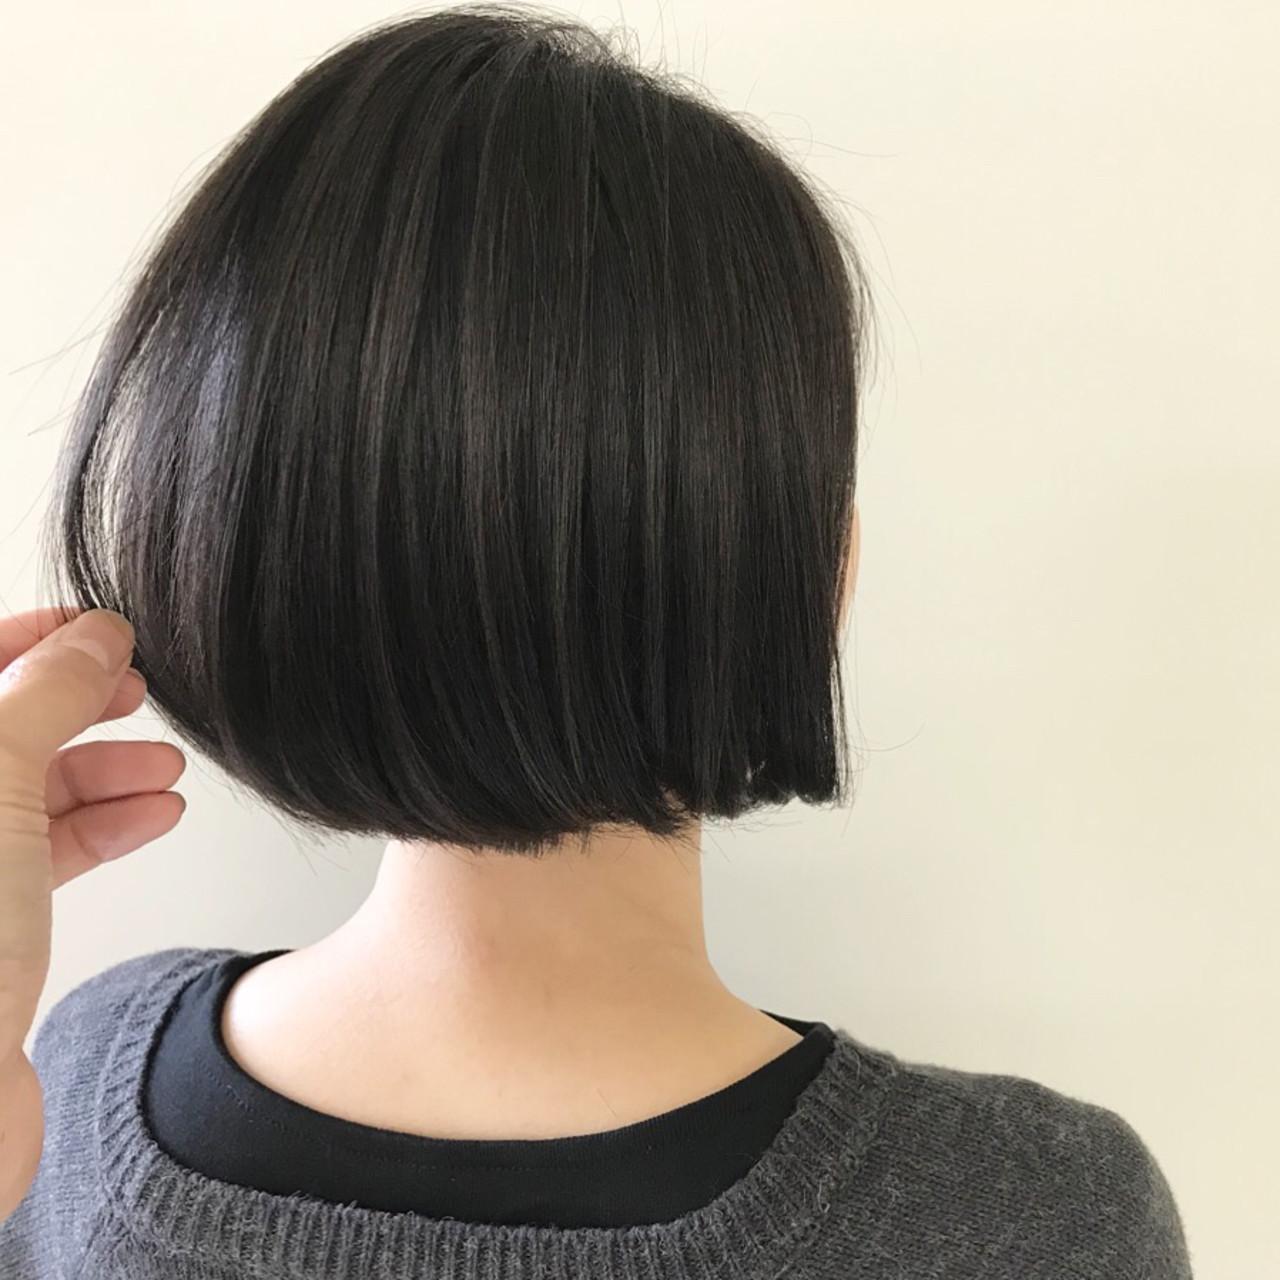 ワンカール ナチュラル 大人女子 ボブヘアスタイルや髪型の写真・画像